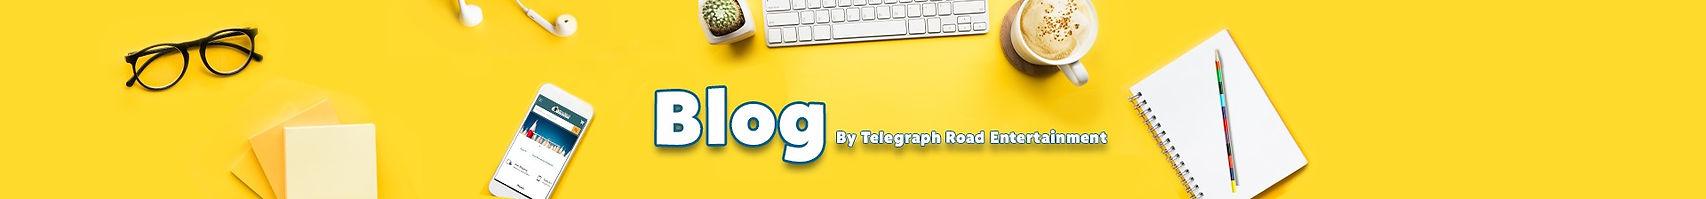 Blog_Website Header_2_edited.jpg